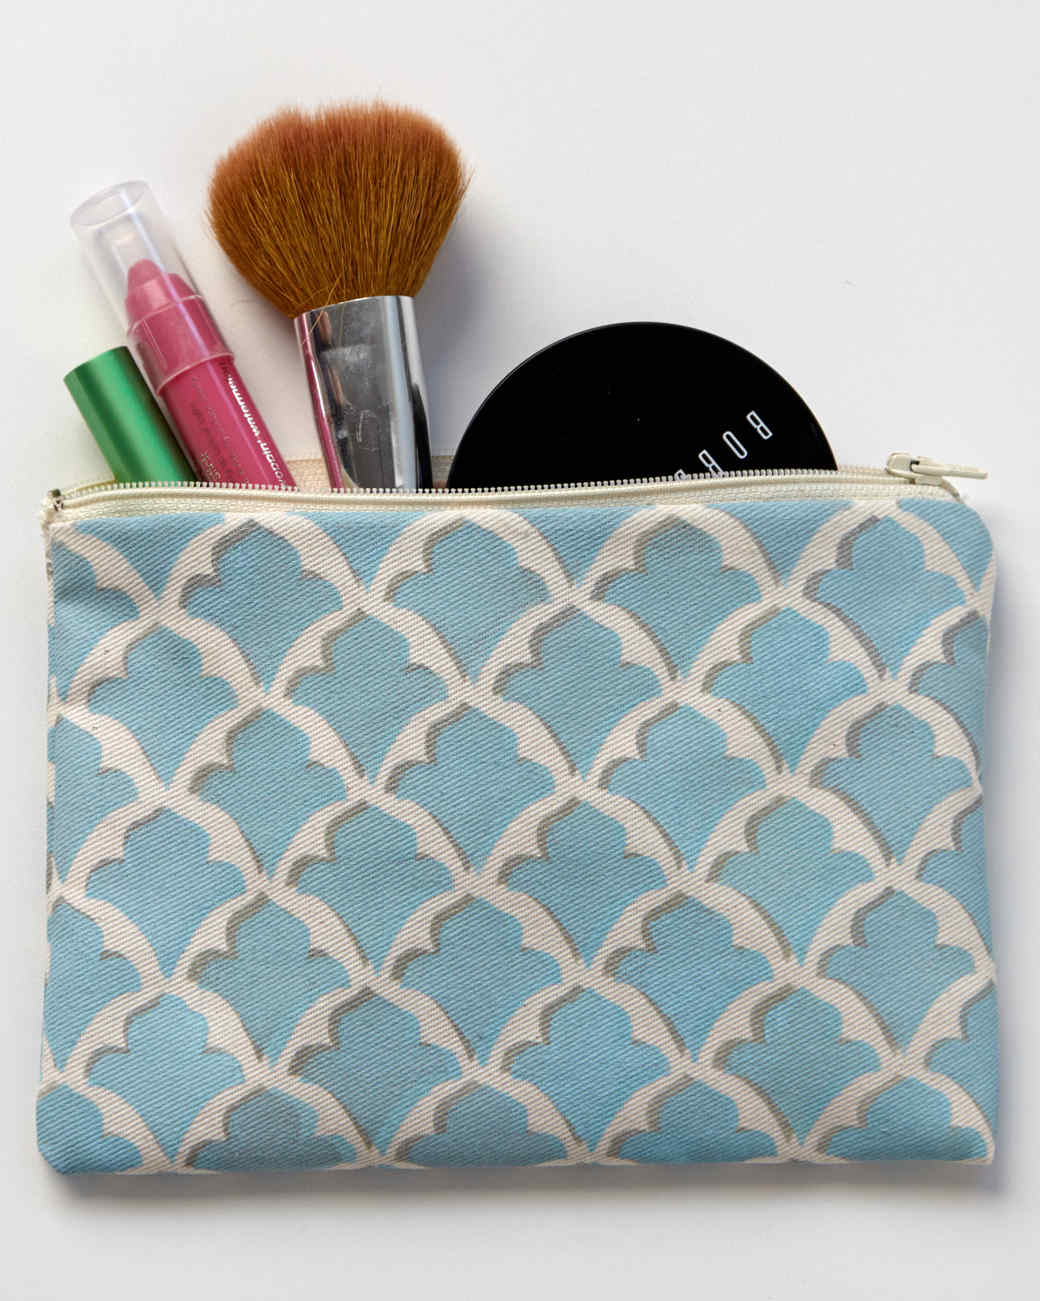 mscrafts-makeup-03-mrkt-0714.jpg